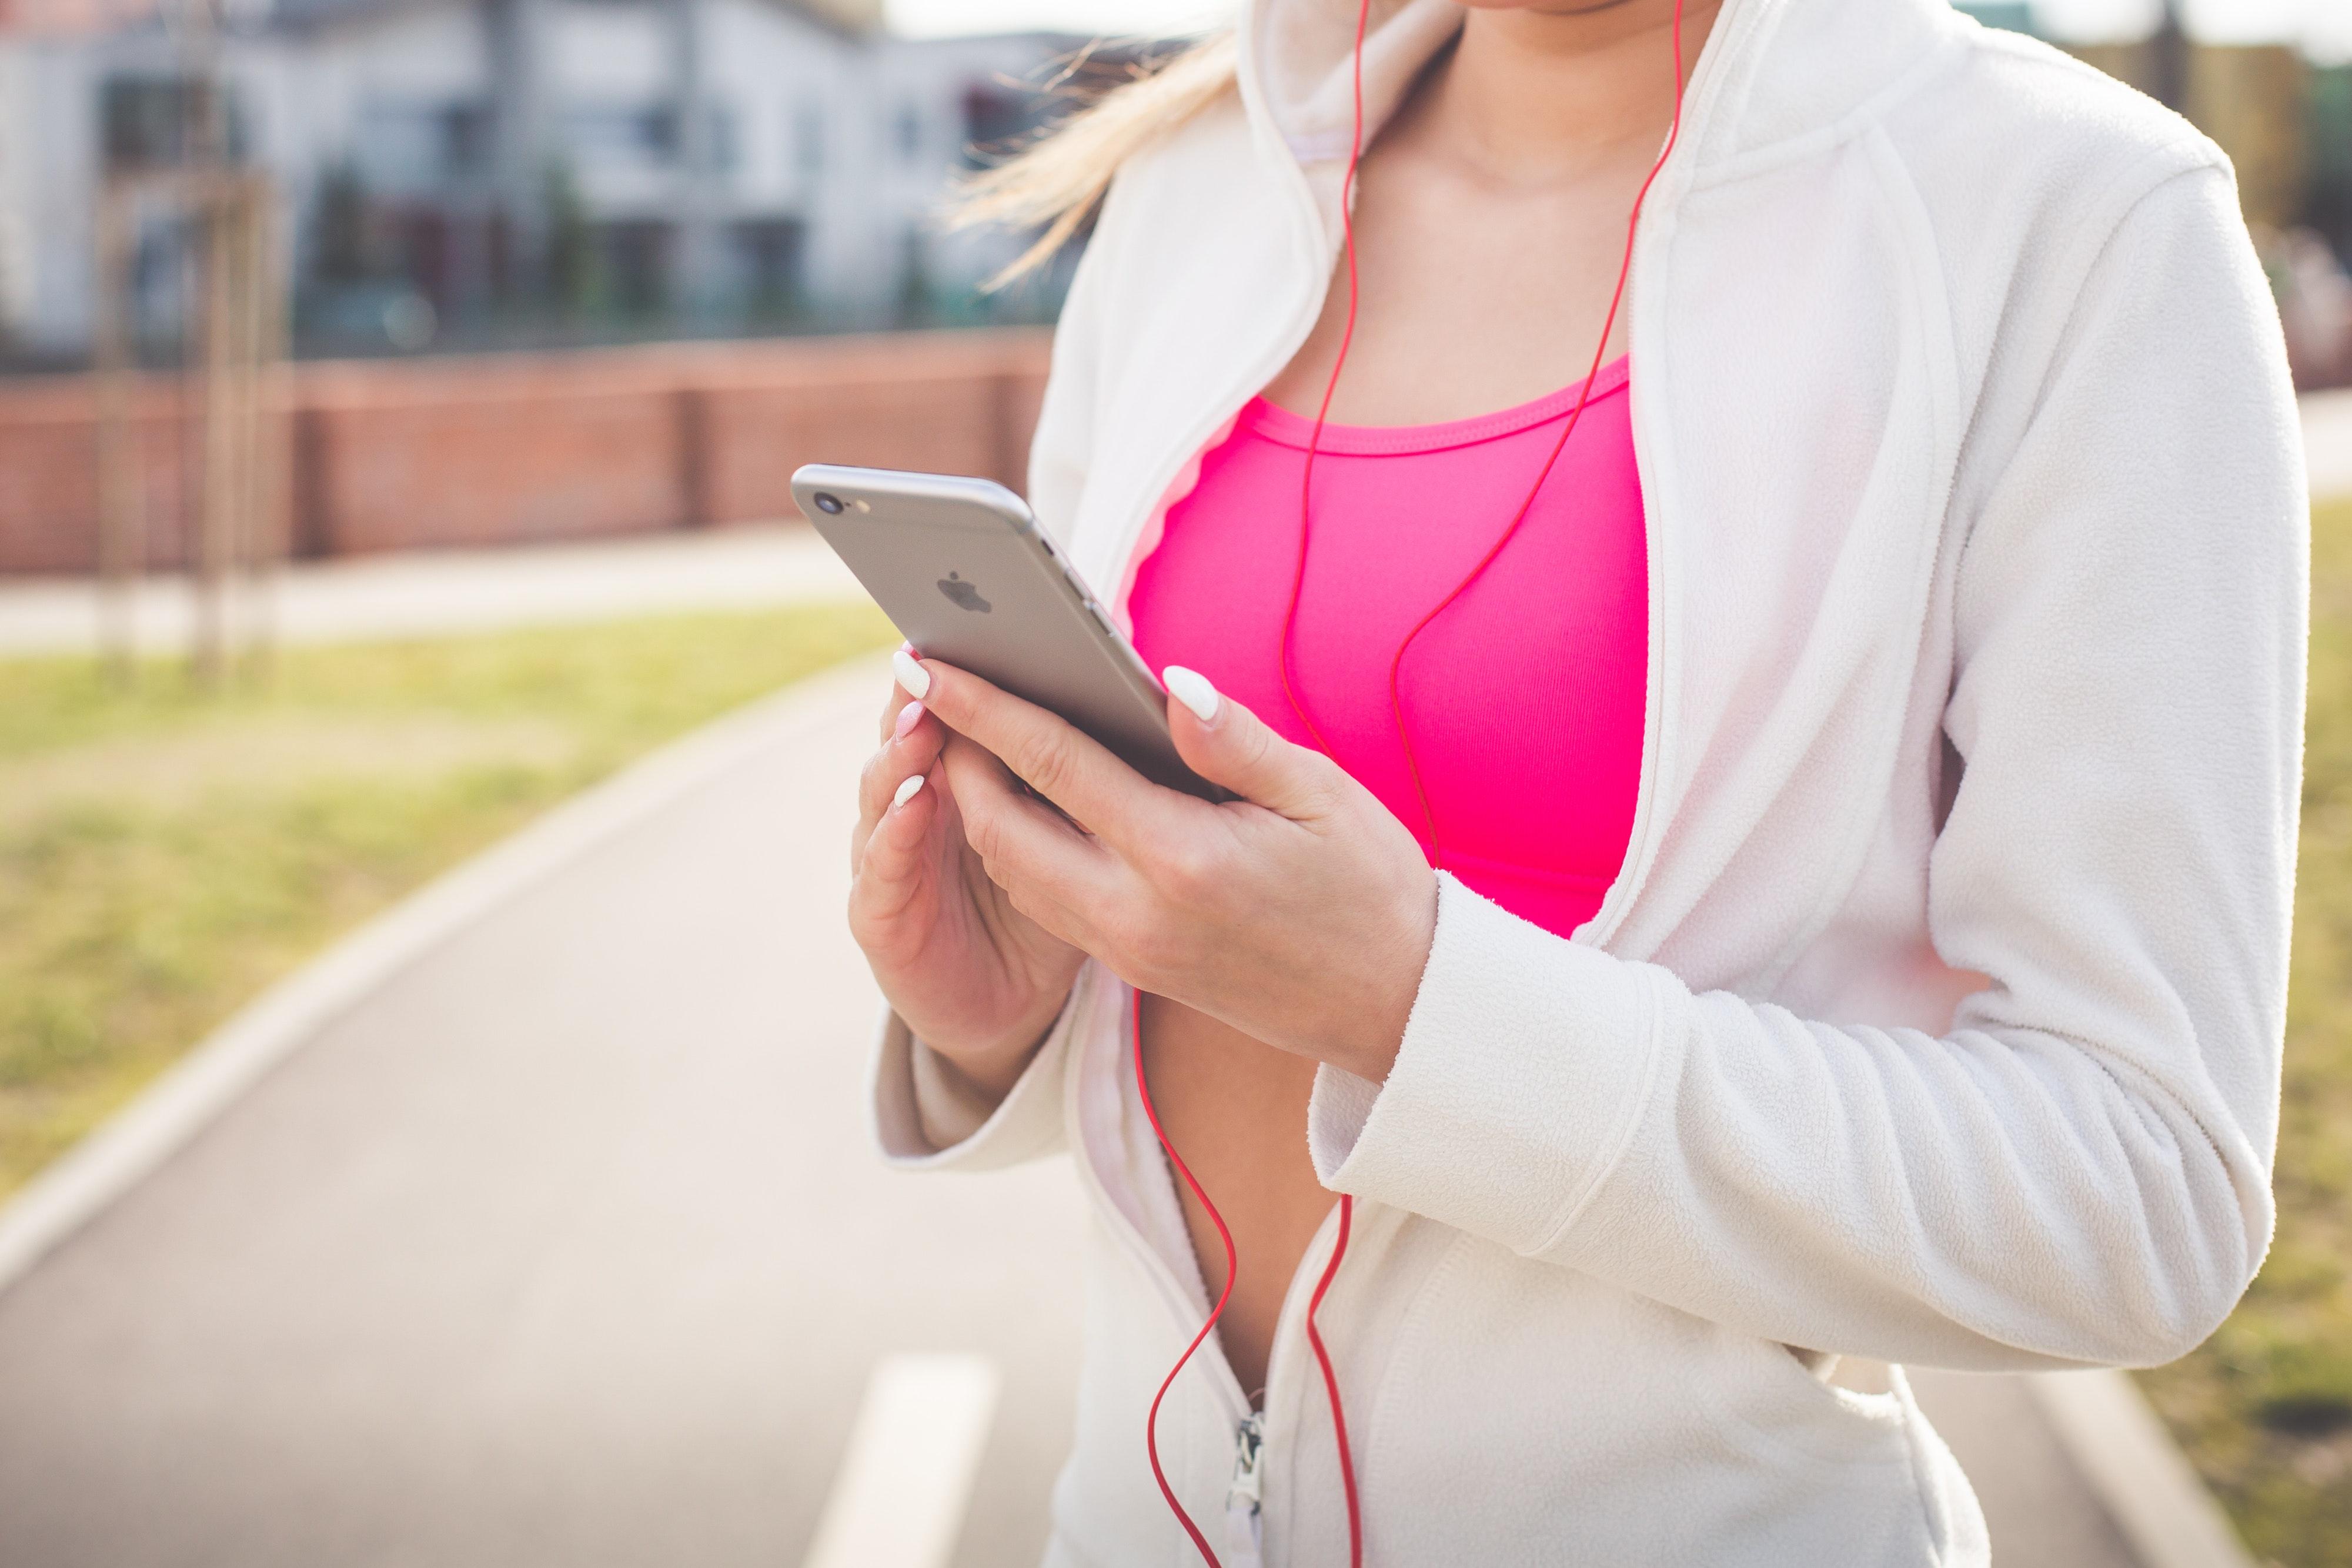 Plano de saúde para empresas: como soluções digitais podem diminuir custos